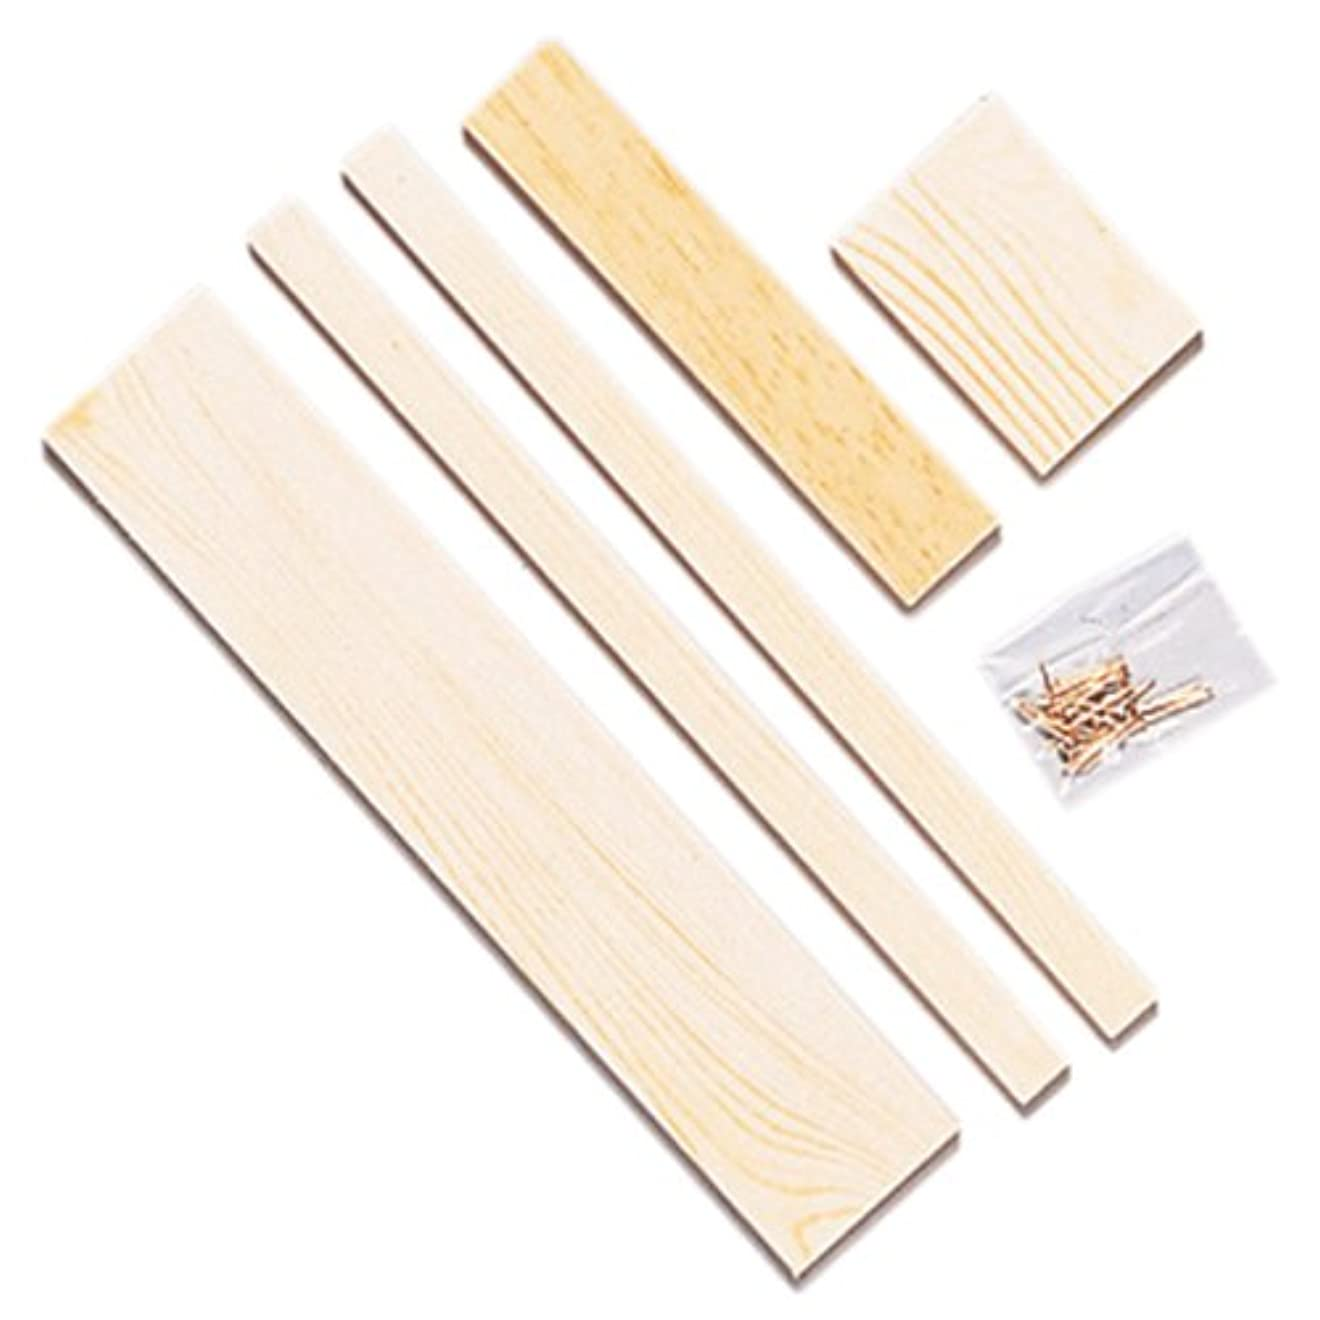 クラス自己尊重技術的なサンモク 木工キット 石けん入れ 9103915